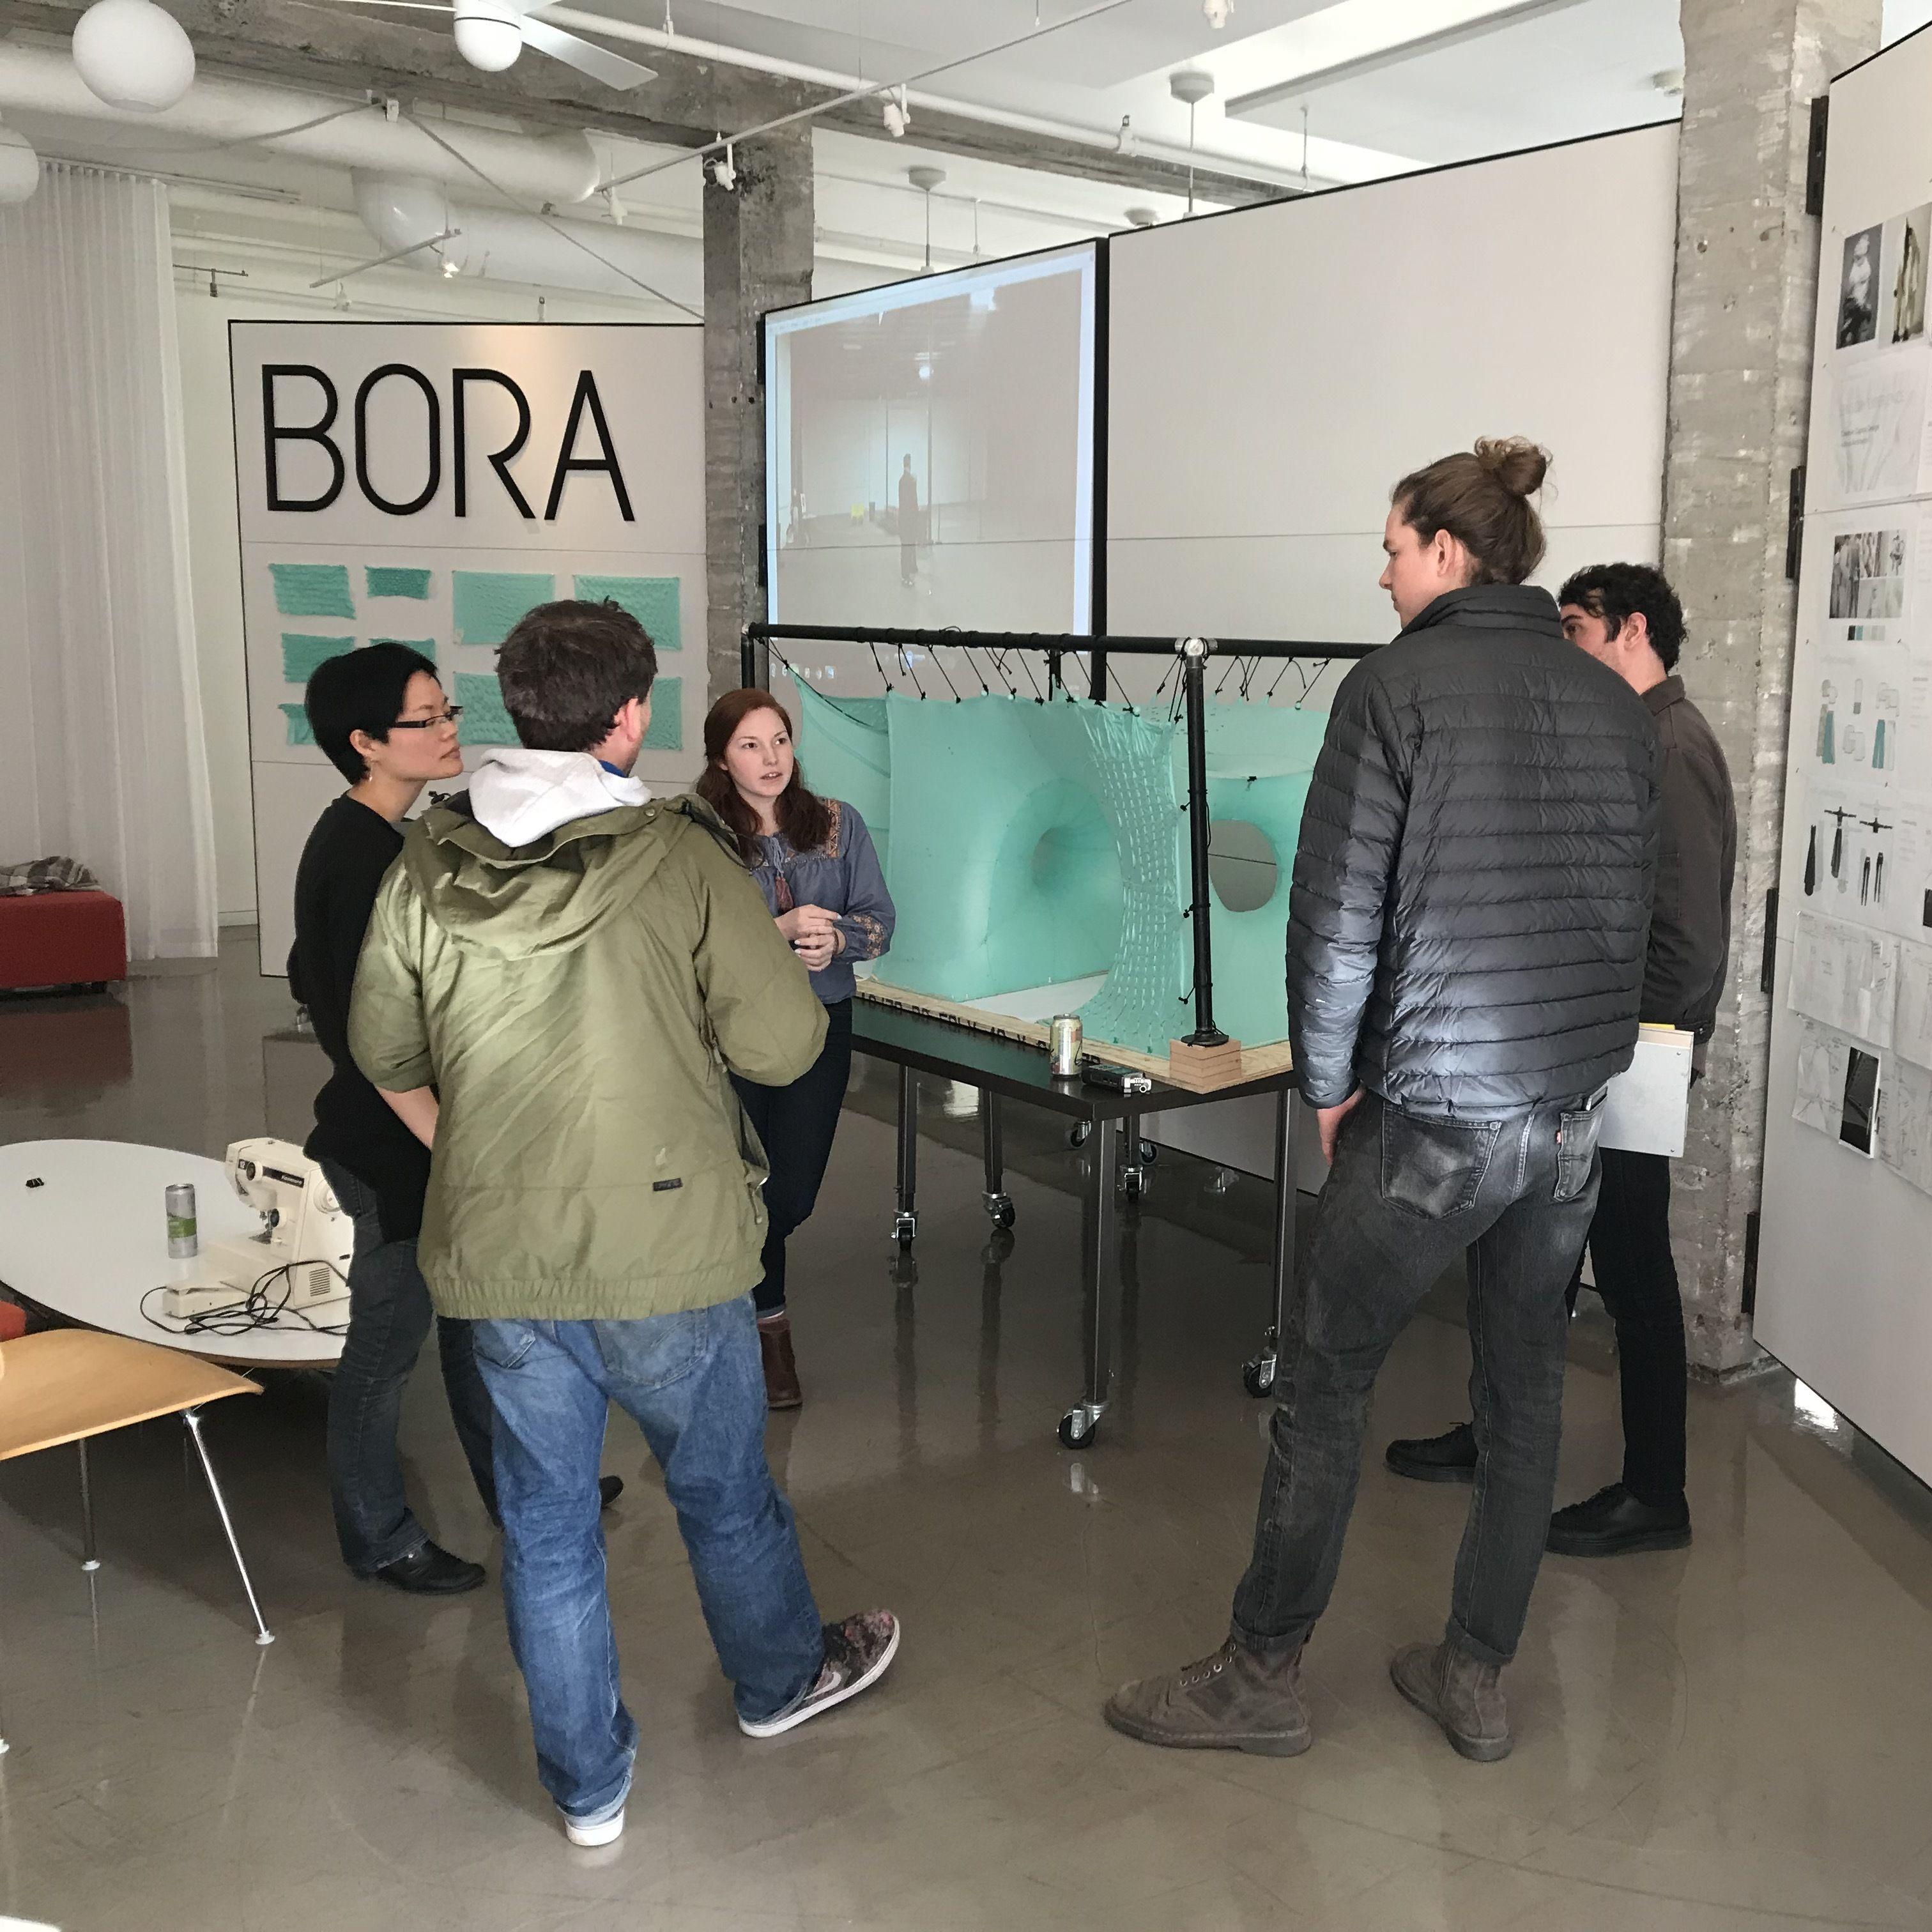 Clothing as shelter design week 2018 bora architects eckof6